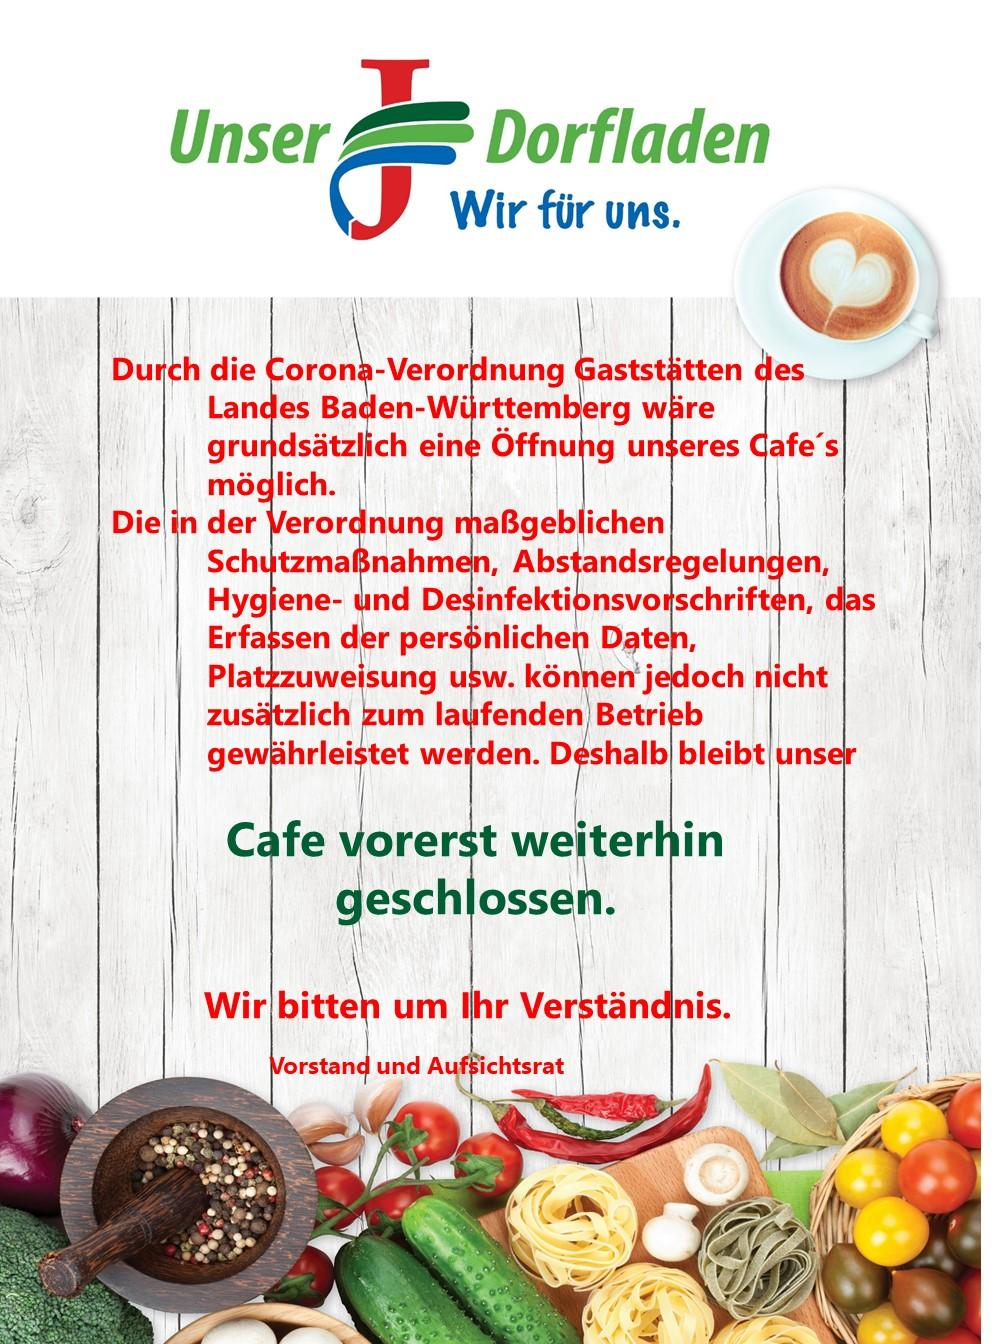 Dorfladen Cafe weiterhin geschlossen